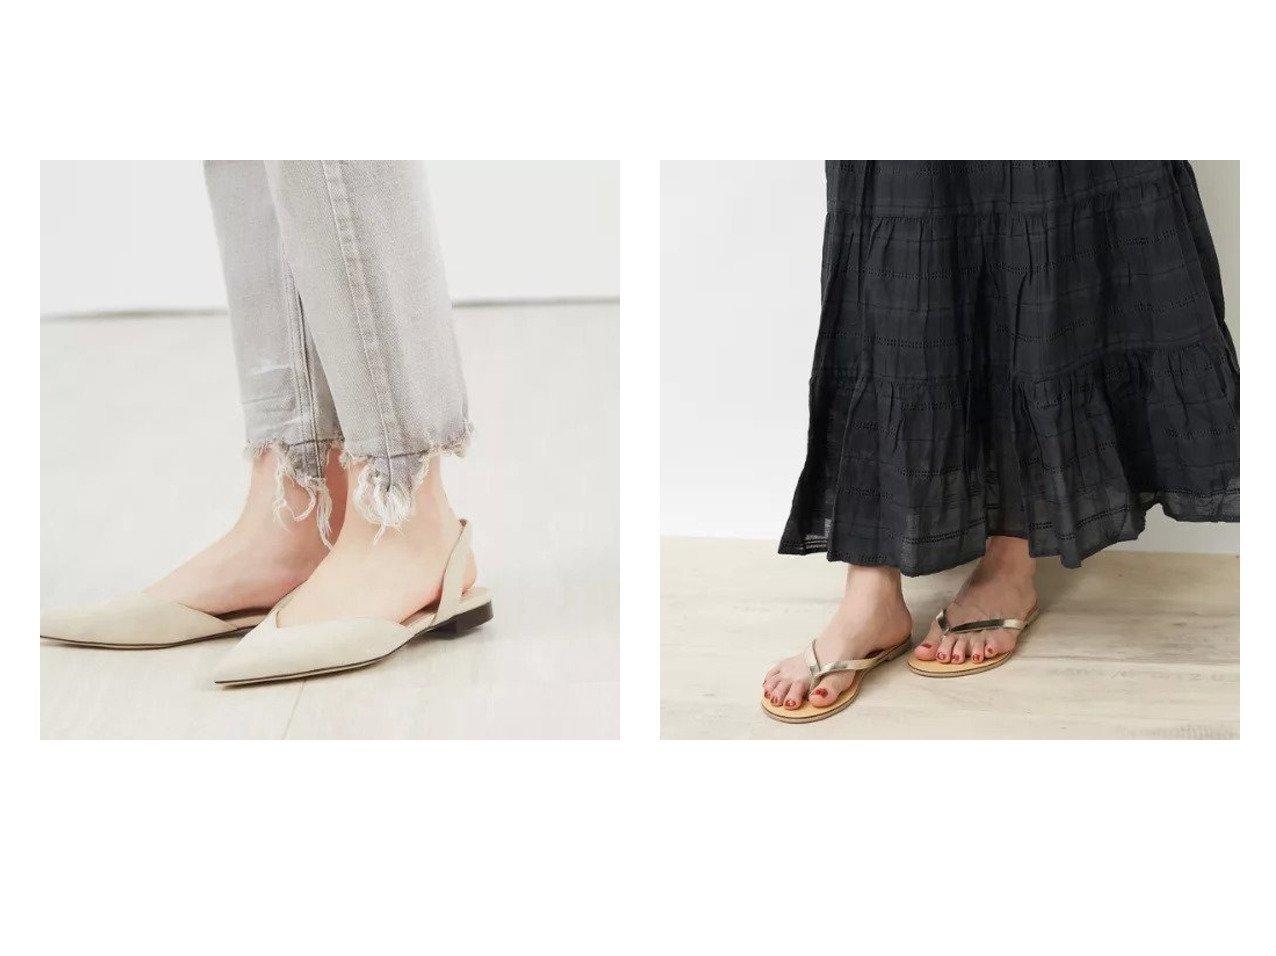 【Rouge vif/ルージュ ヴィフ】の【NICOLAS LAINAS】トングサンダル&バックストラップフラット シューズ・靴のおすすめ!人気、トレンド・レディースファッションの通販 おすすめで人気の流行・トレンド、ファッションの通販商品 メンズファッション・キッズファッション・インテリア・家具・レディースファッション・服の通販 founy(ファニー) https://founy.com/ ファッション Fashion レディースファッション WOMEN バッグ Bag サンダル シューズ デニム |ID:crp329100000013686